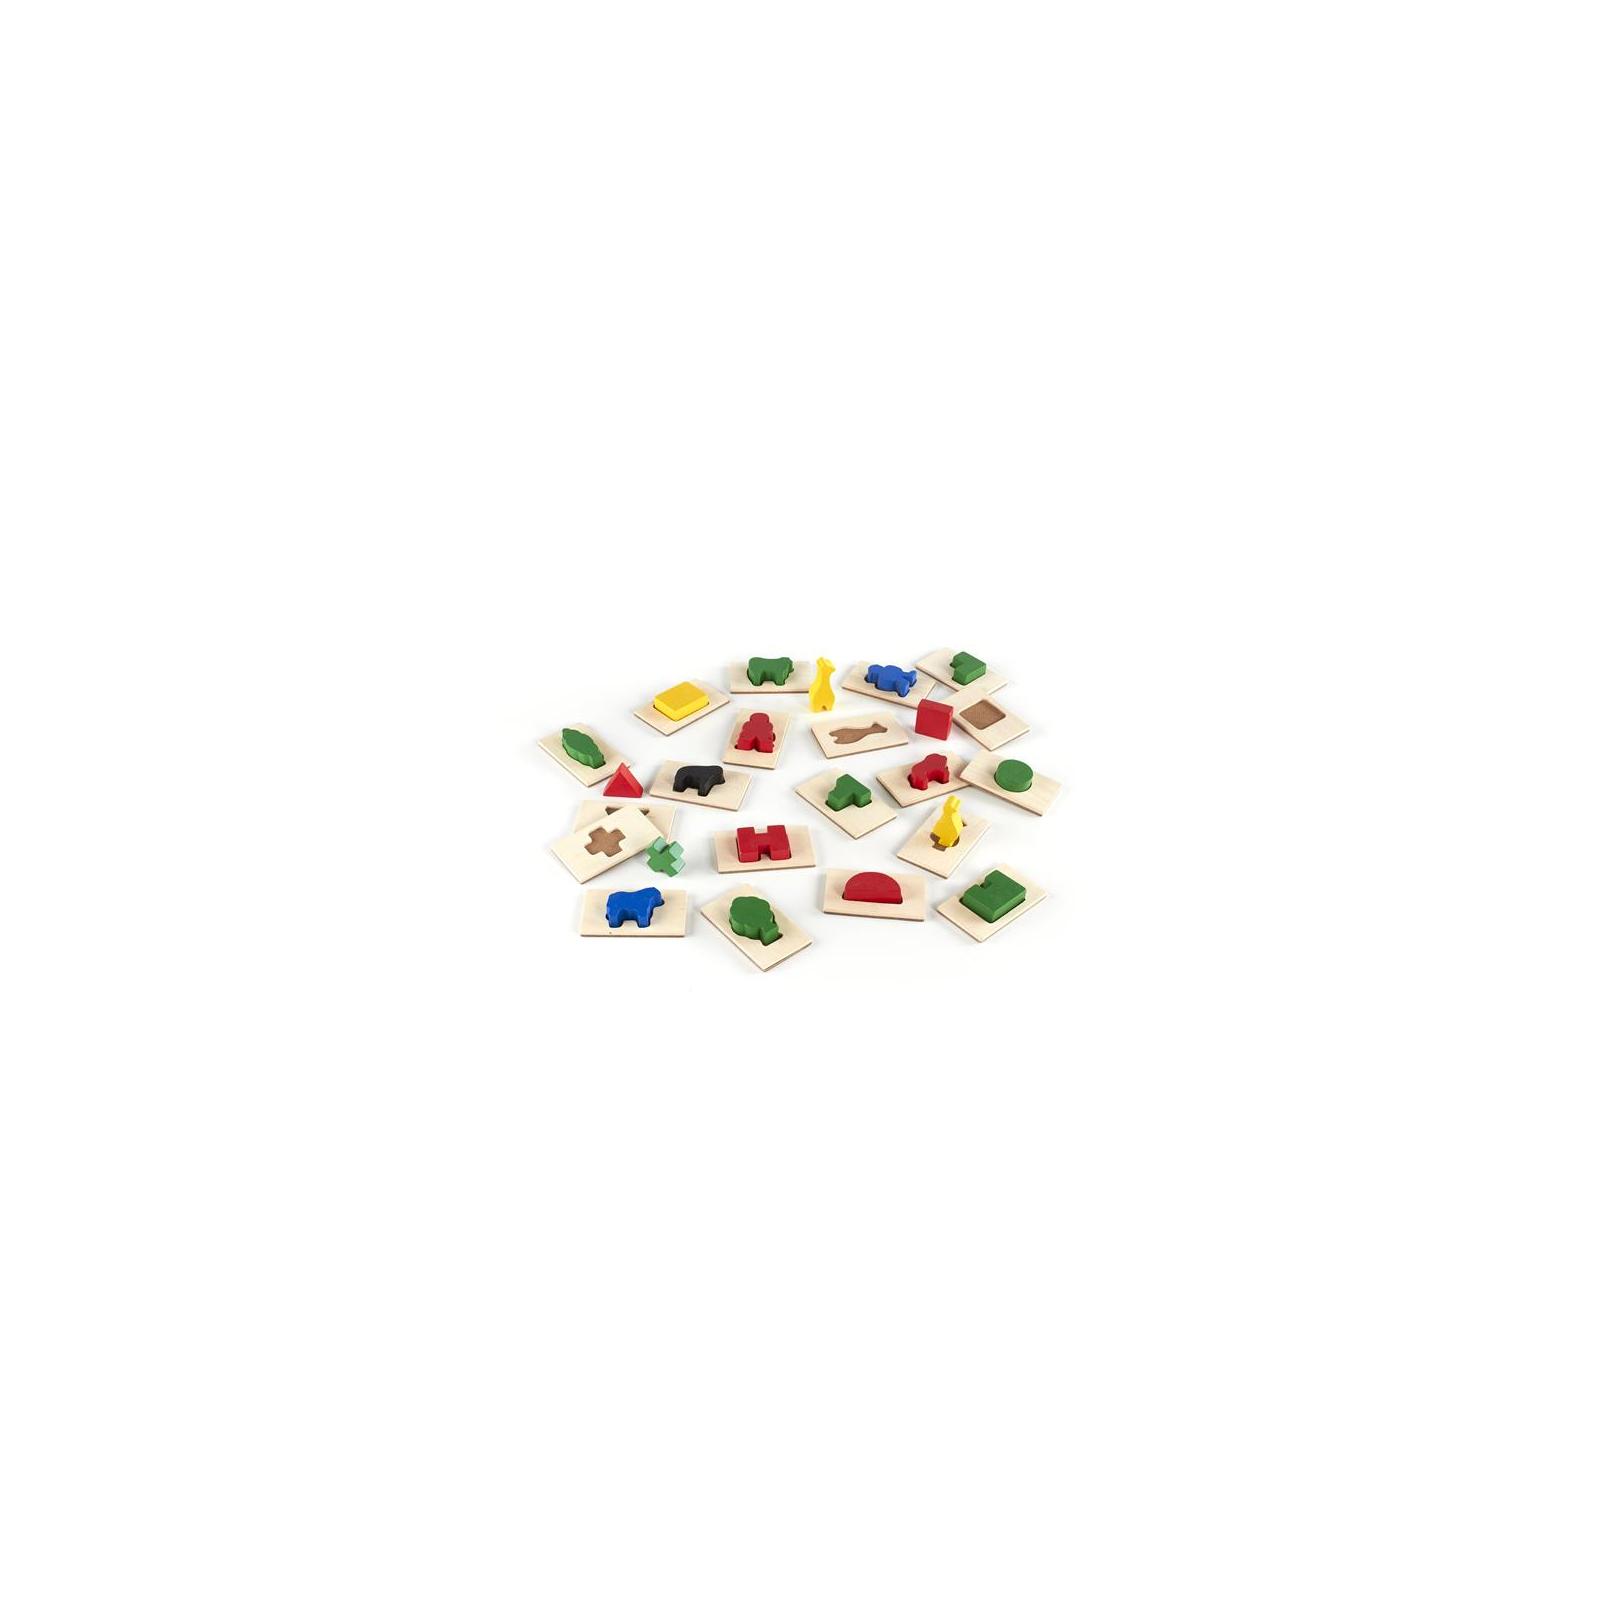 Развивающая игрушка Guidecraft Manipulatives Форма и текстура (G5060) изображение 2